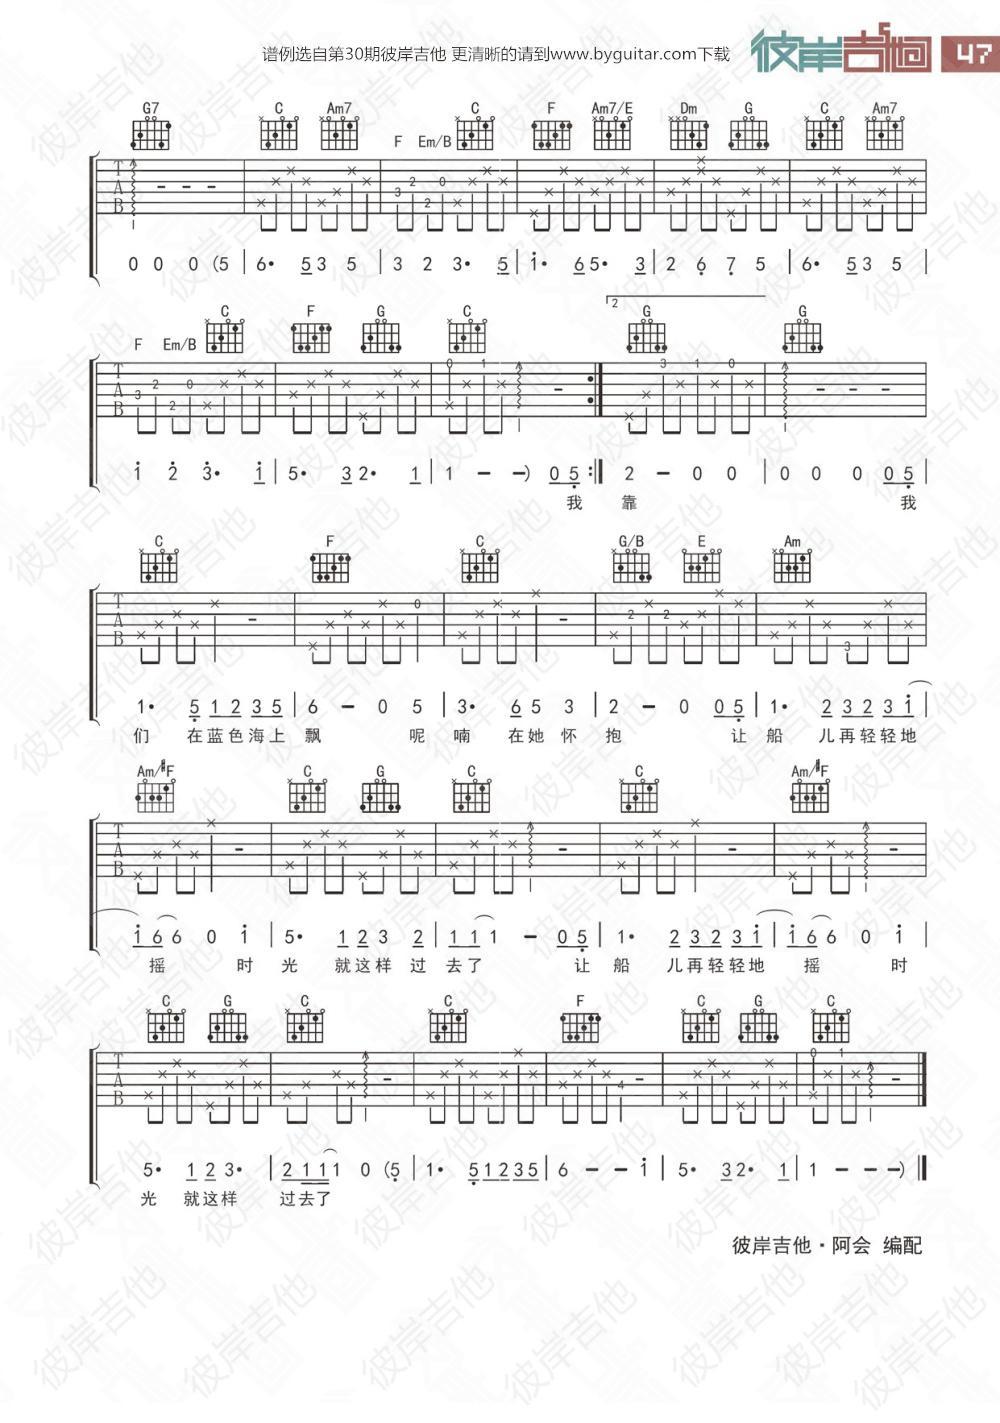 《我们在蓝色海上飘》吉他谱